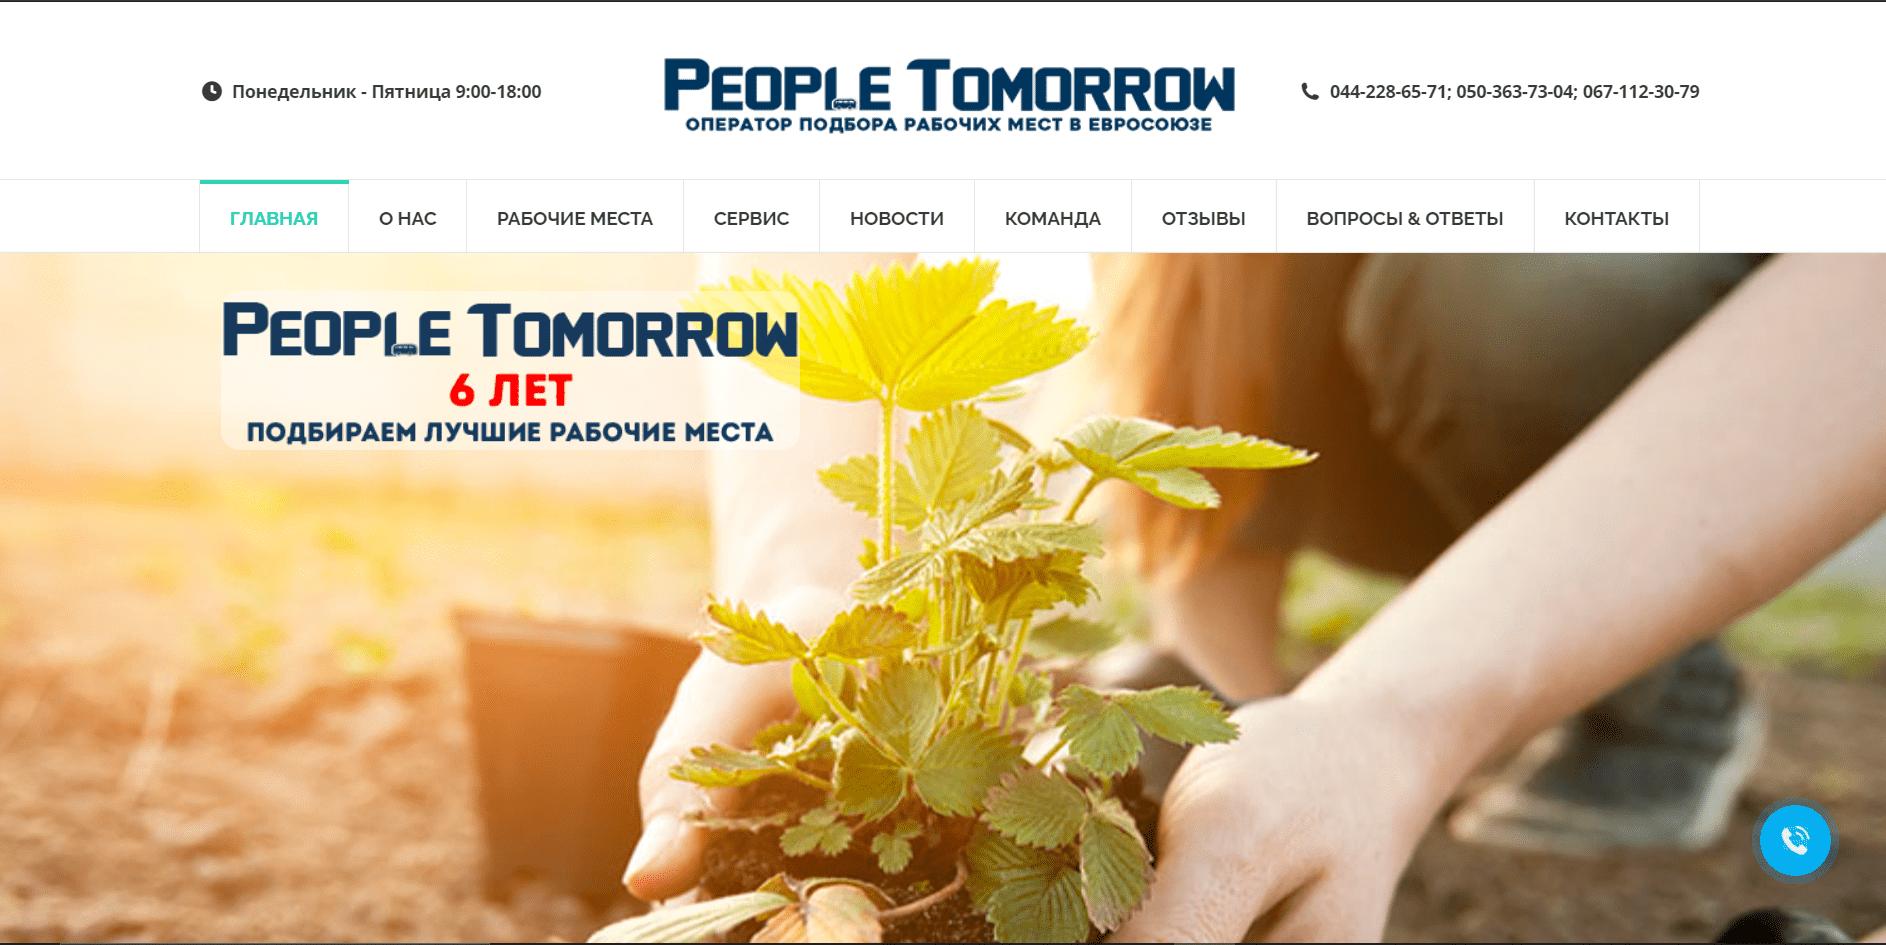 People Tomorrow